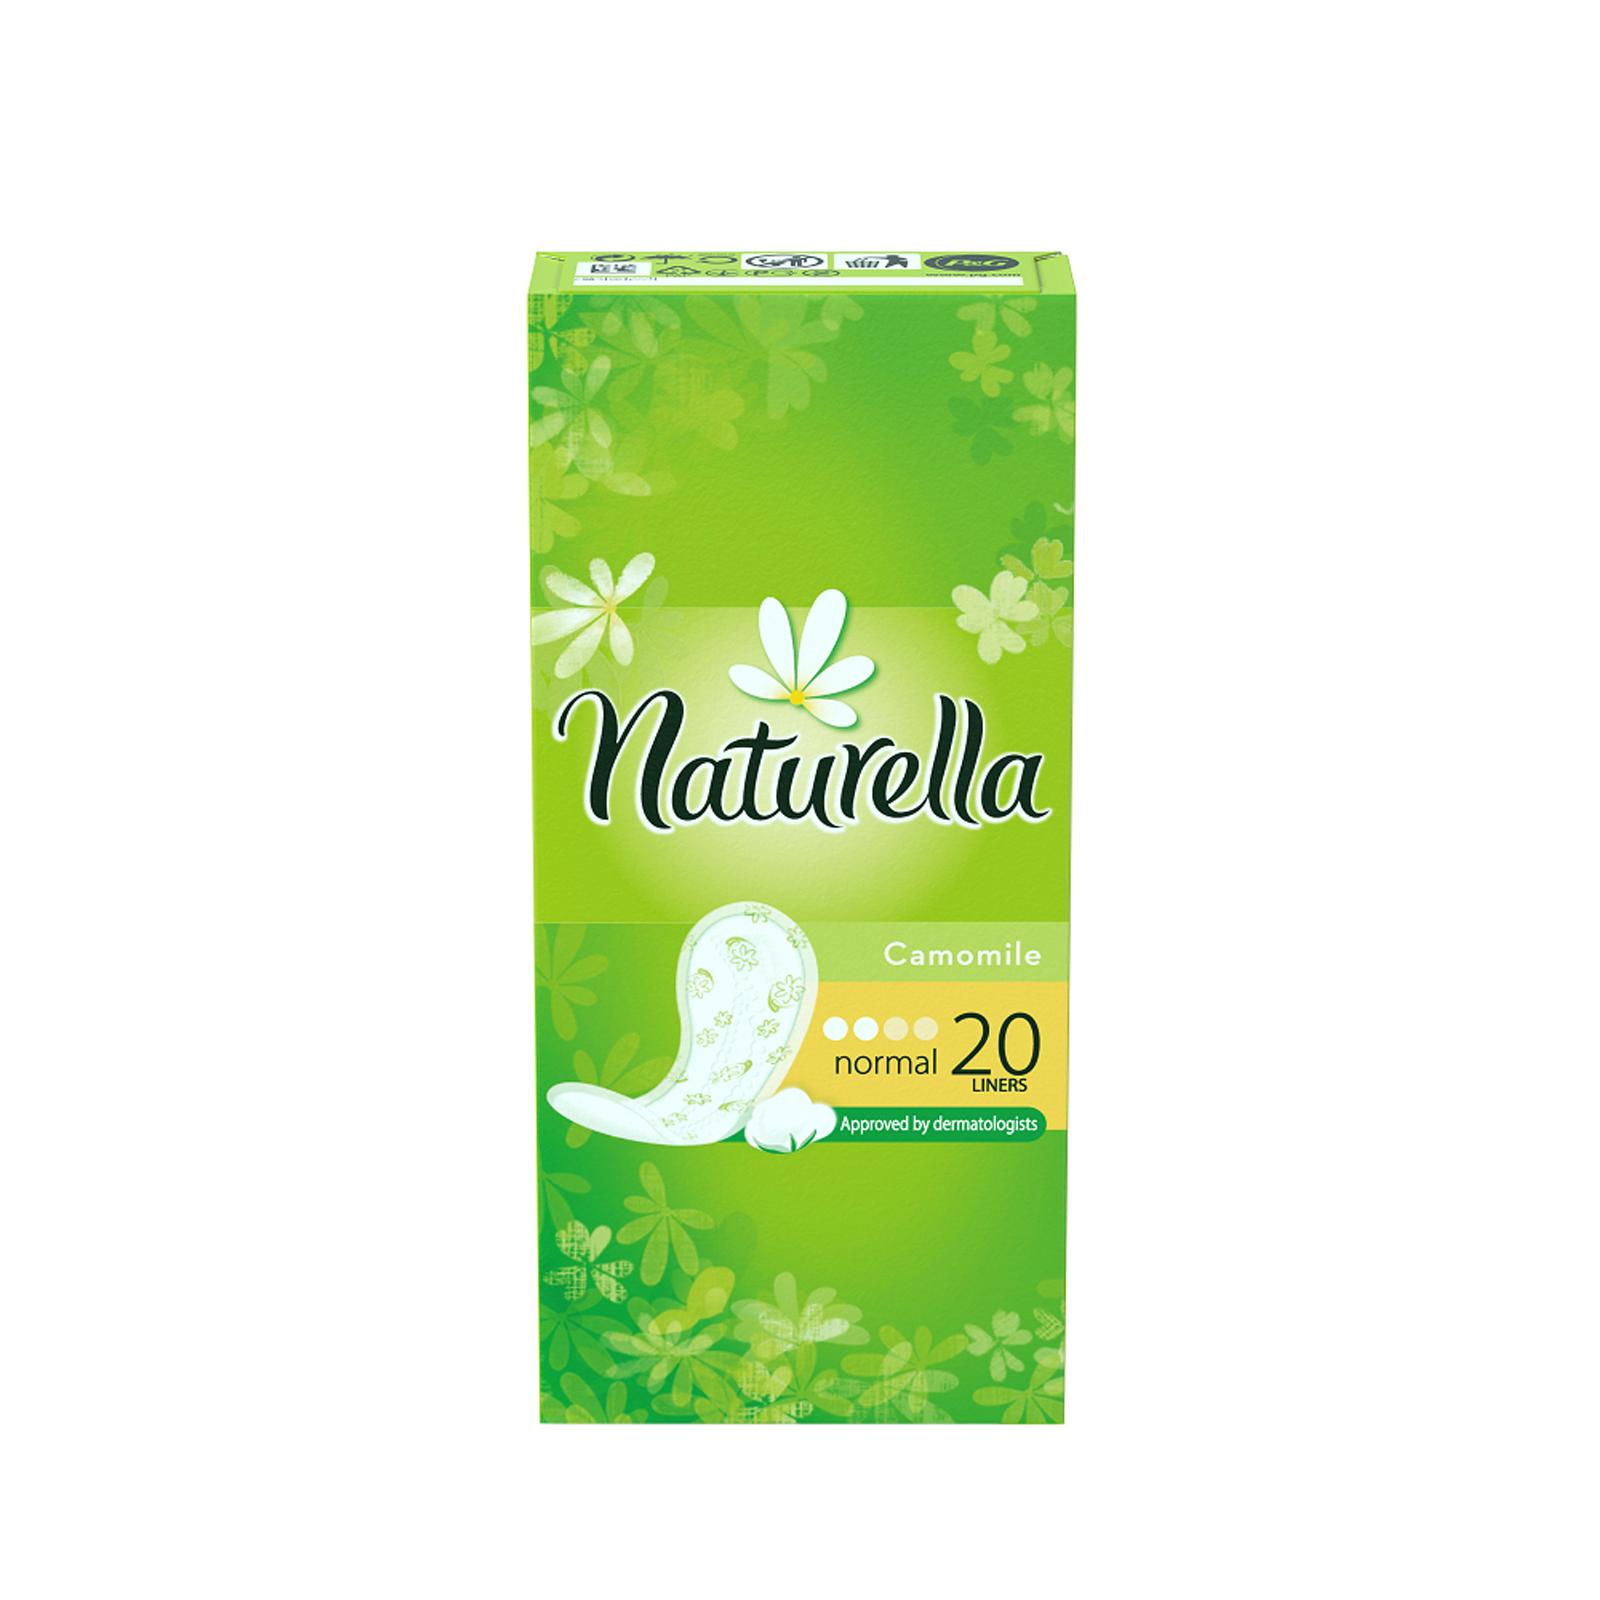 Naturella Женские гигиенические прокладки на каждый день Camomile Normal Single 20штNT-83730610Сохрани свежесть в течение всего дня с ежедневными прокладками Naturella Normal. Эти воздухопроницаемые ежедневные прокладки толщиной 0,9 мм с мягким, как лепесток, верхним слоем и легким ароматом, вдохновленным самой природой, обеспечивают свежесть и комфорт каждый день.Одобренные дерматологическим институтом proDERM ежедневные прокладки Naturella каждый день обеспечивают заботу о женской гигиене, которой можно доверять. Одобренные дерматологическим институтом proDERM ежедневные прокладки Naturella каждый день обеспечивают заботу о женской гигиене, которой можно доверять. Ежедневные прокладки Naturella отлично защищают нижнее белье при выделениях из влагалища, нерегулярном цикле и выделениях перед менструацией. Во время менструации обязательно воспользуйтесь прокладками Naturella для усиленной защиты. Супермягкий верхний слой обеспечивает дополнительный комфорт в интимной зоне Воздухопроницаемые и тонкие как лепесток (0,9 мм) Дышащий верхний слой и легкий аромат ромашки для...